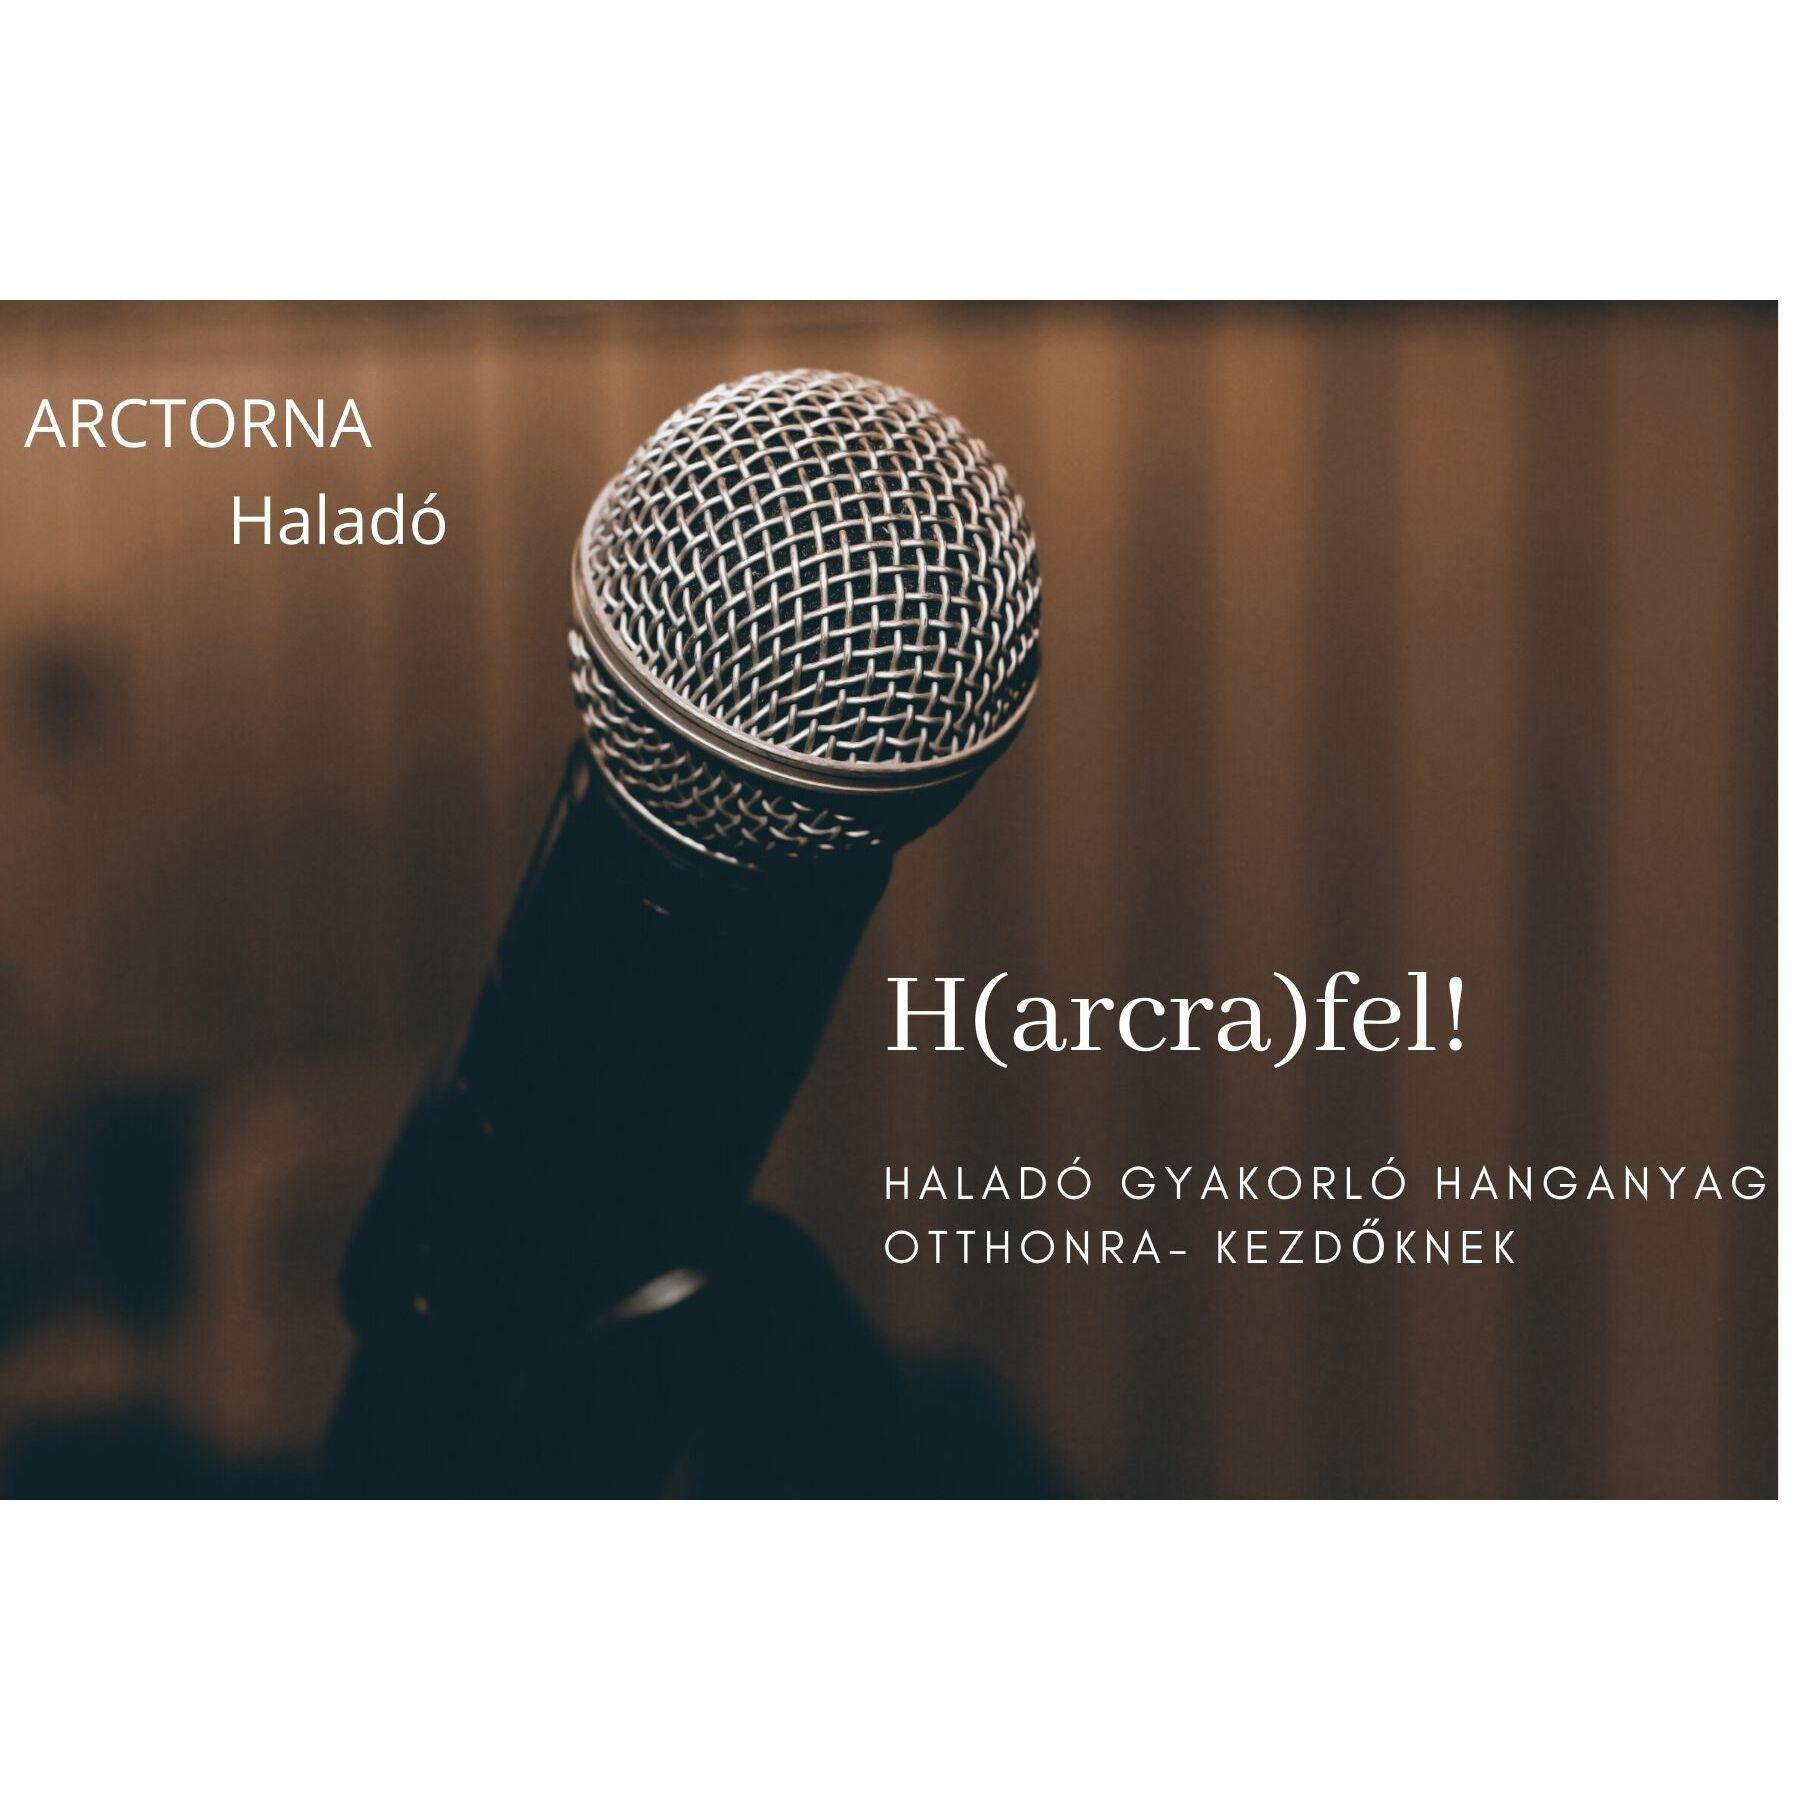 H(ARCRA)FEL! ONLINE GYAKORLÓ PROGRAM KEZDŐKNEK II. NEGYEDÉV